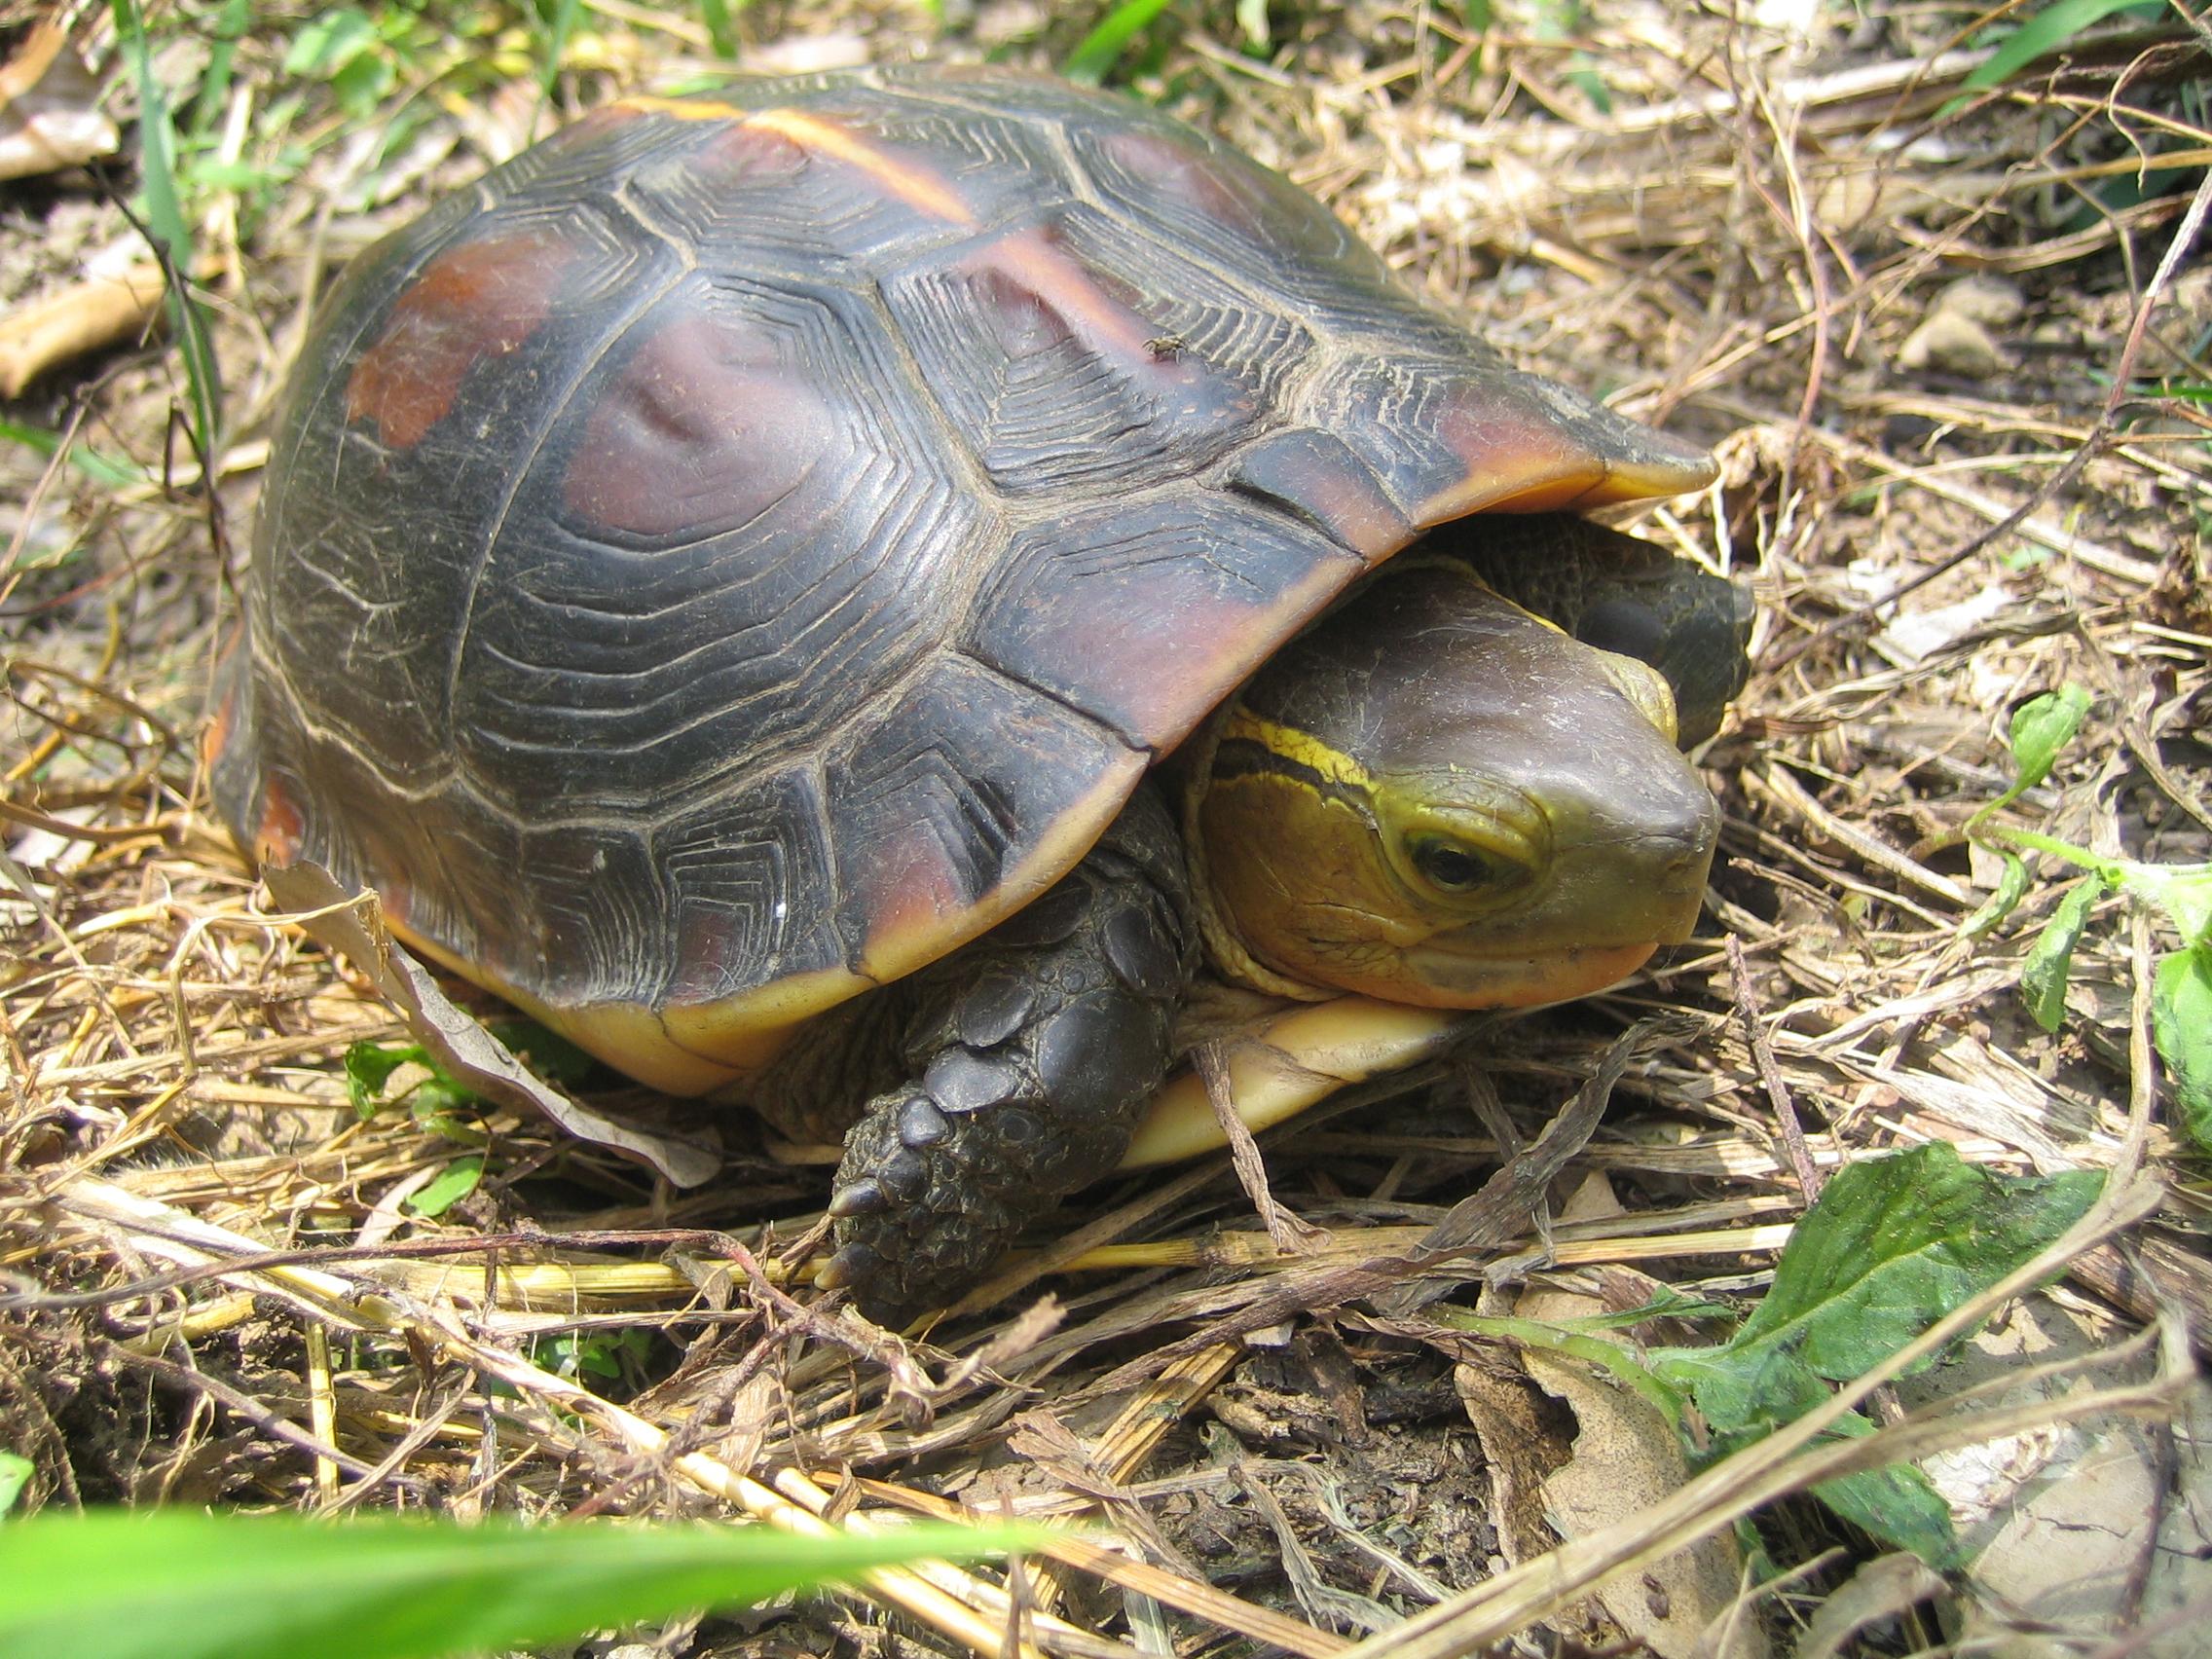 動作敏捷穿梭在樹葉中(食蛇龜)4